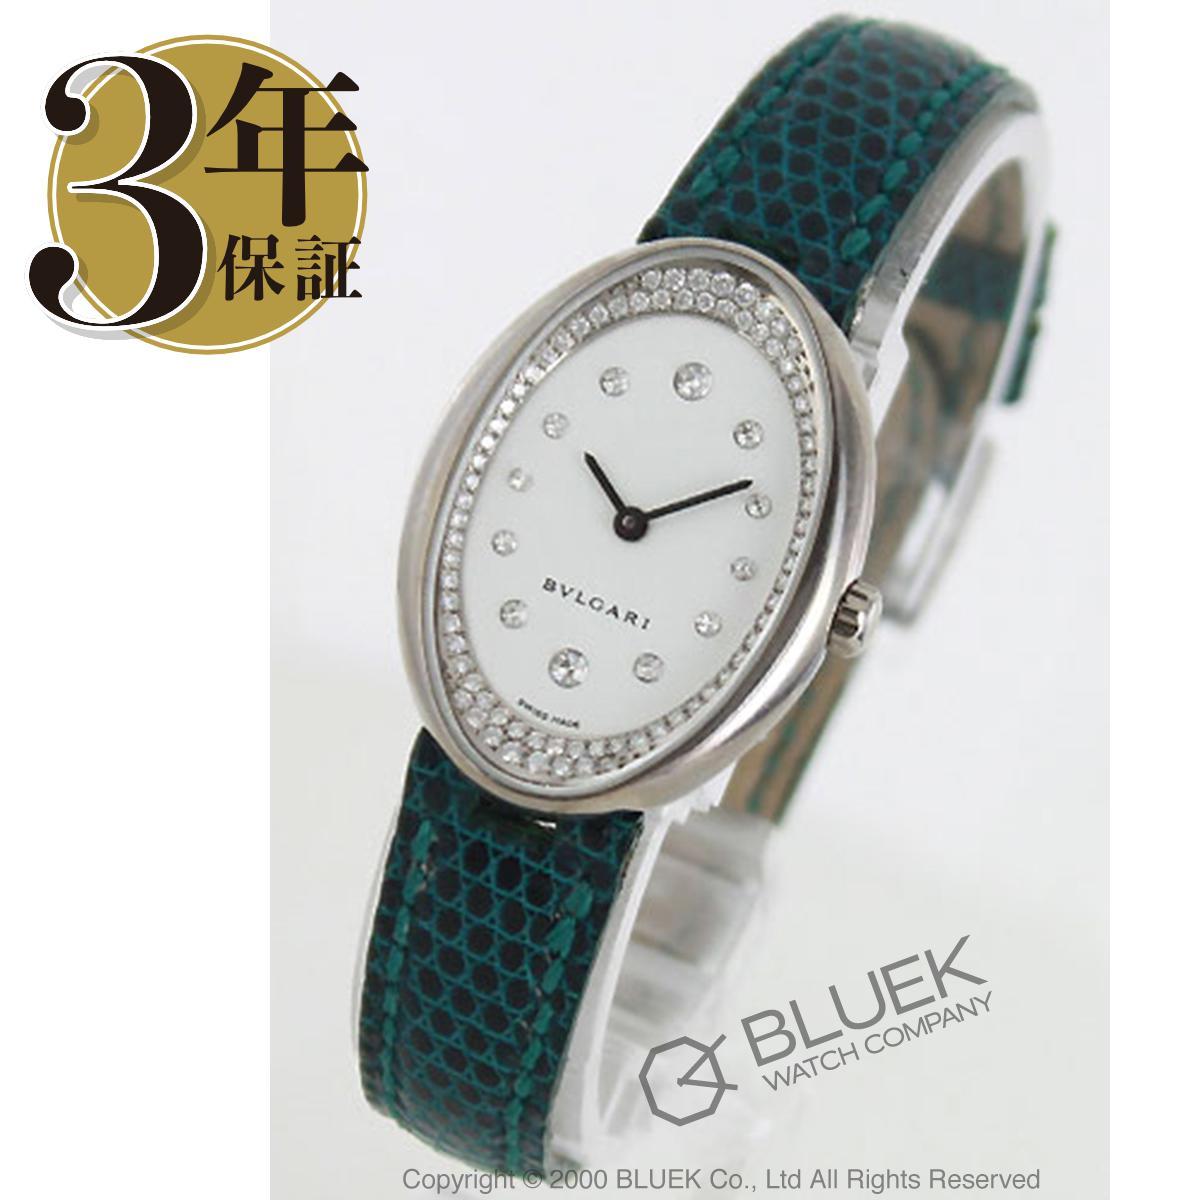 ブルガリ オーバル ダイヤ WG金無垢 リザードレザー 腕時計 レディース BVLGARI OVW32GL/R12_8